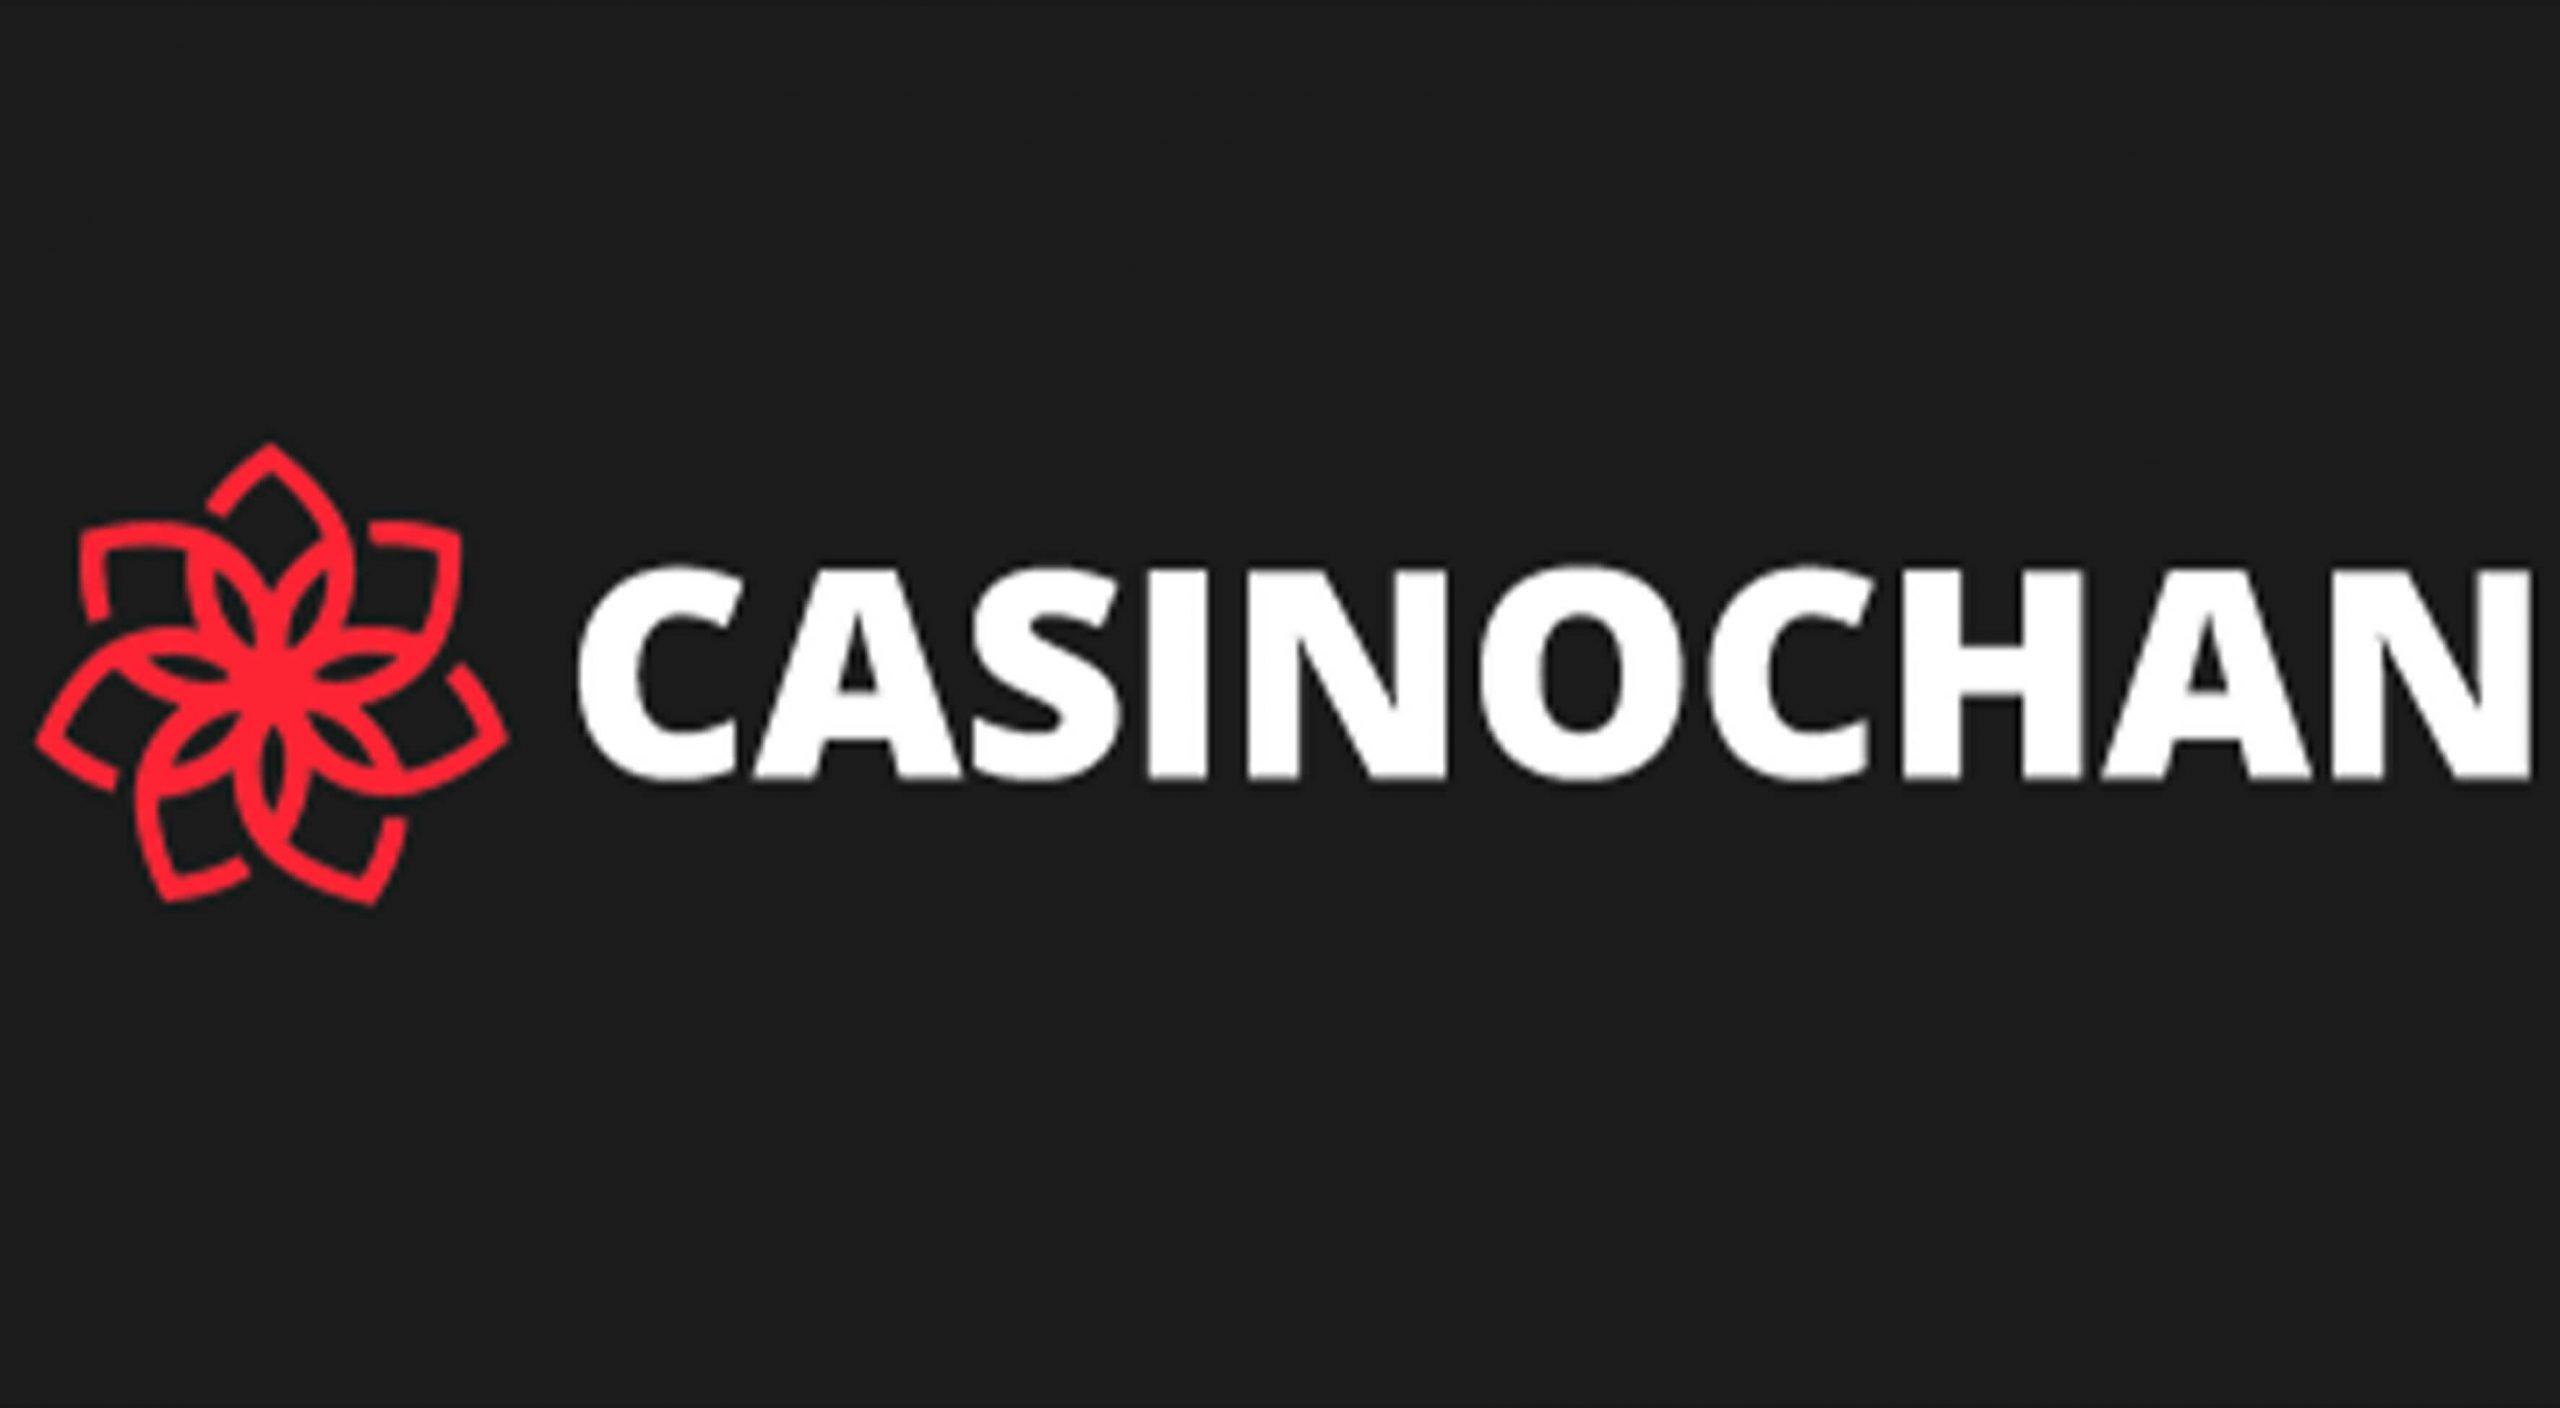 Casino Chan Logo